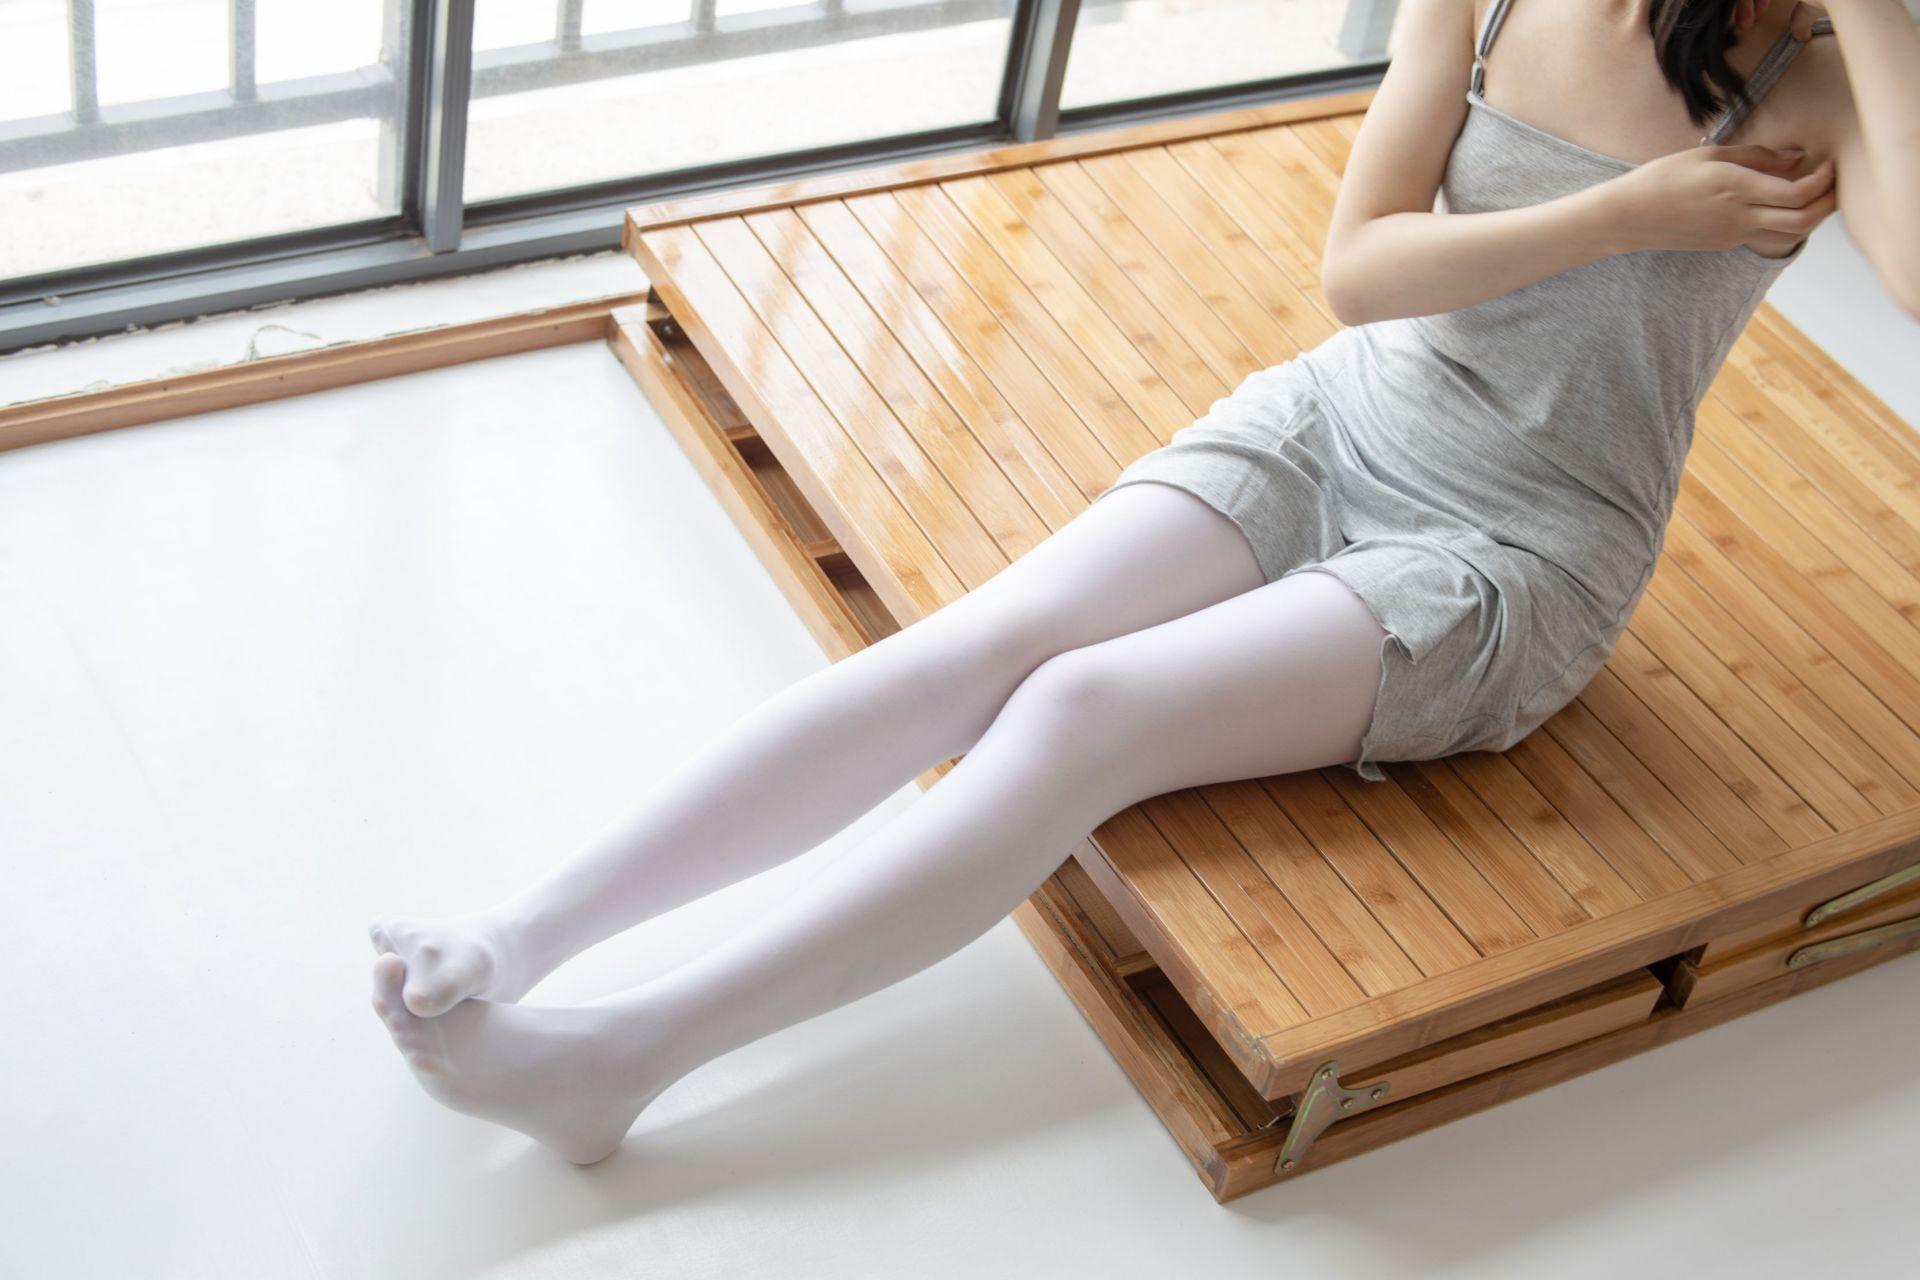 【森萝财团】 森萝财团写真 – JKFUN-013 白丝小可爱 [160P-1V-2.38GB] JKFUN 第5张